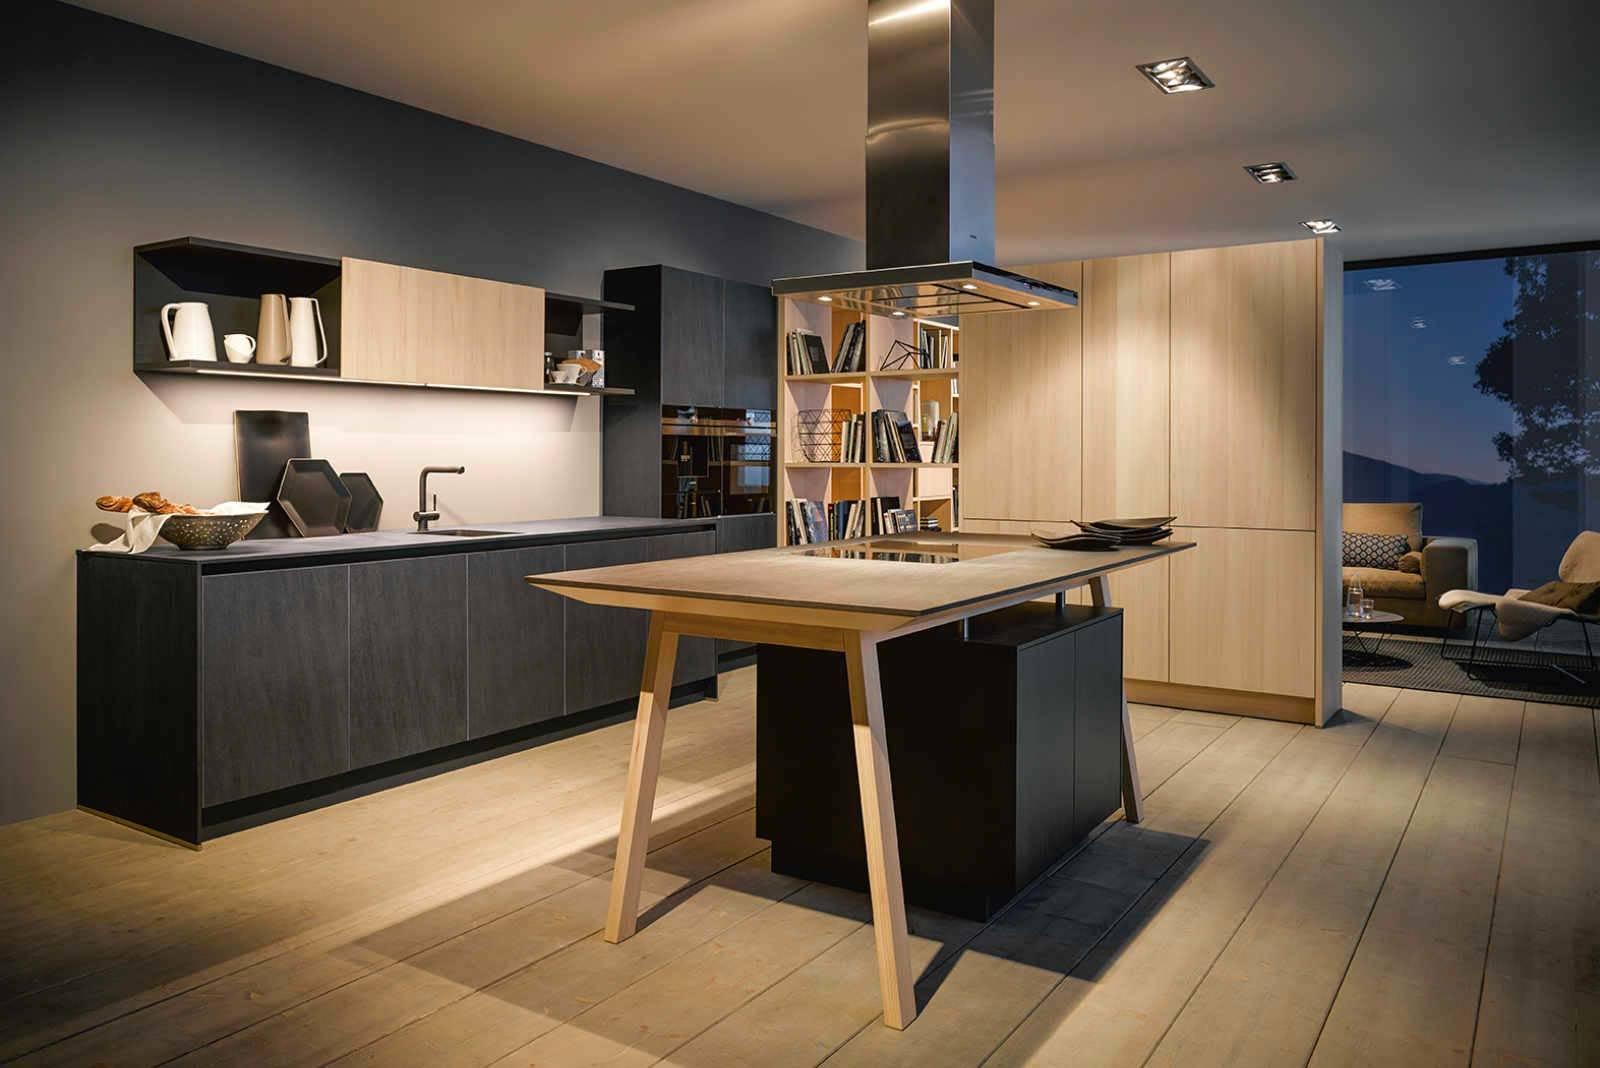 Küche schwarz Schieferoptik